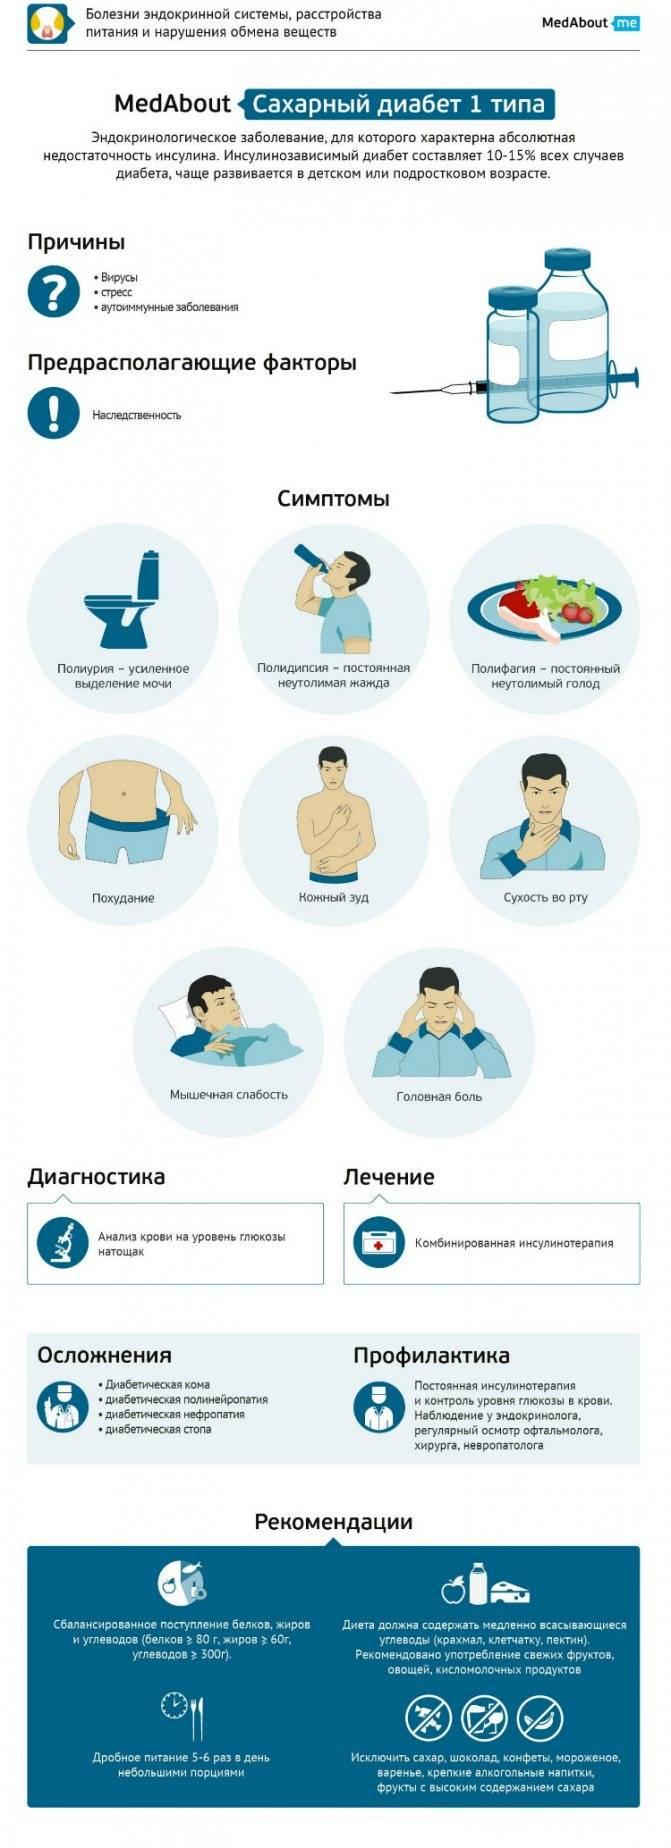 Диагноз: сахарный диабет. симптомы, осложнения и лечение | университетская клиника